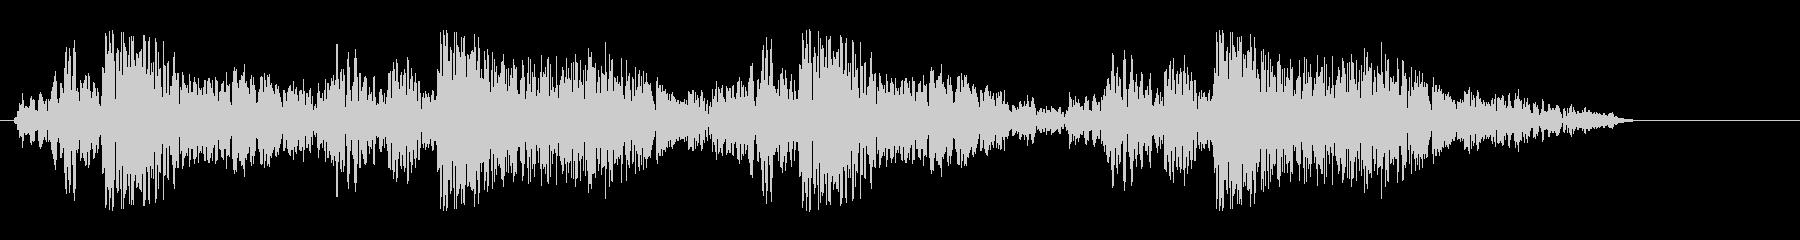 グギャグギャ(密林での動物の鳴き声)の未再生の波形